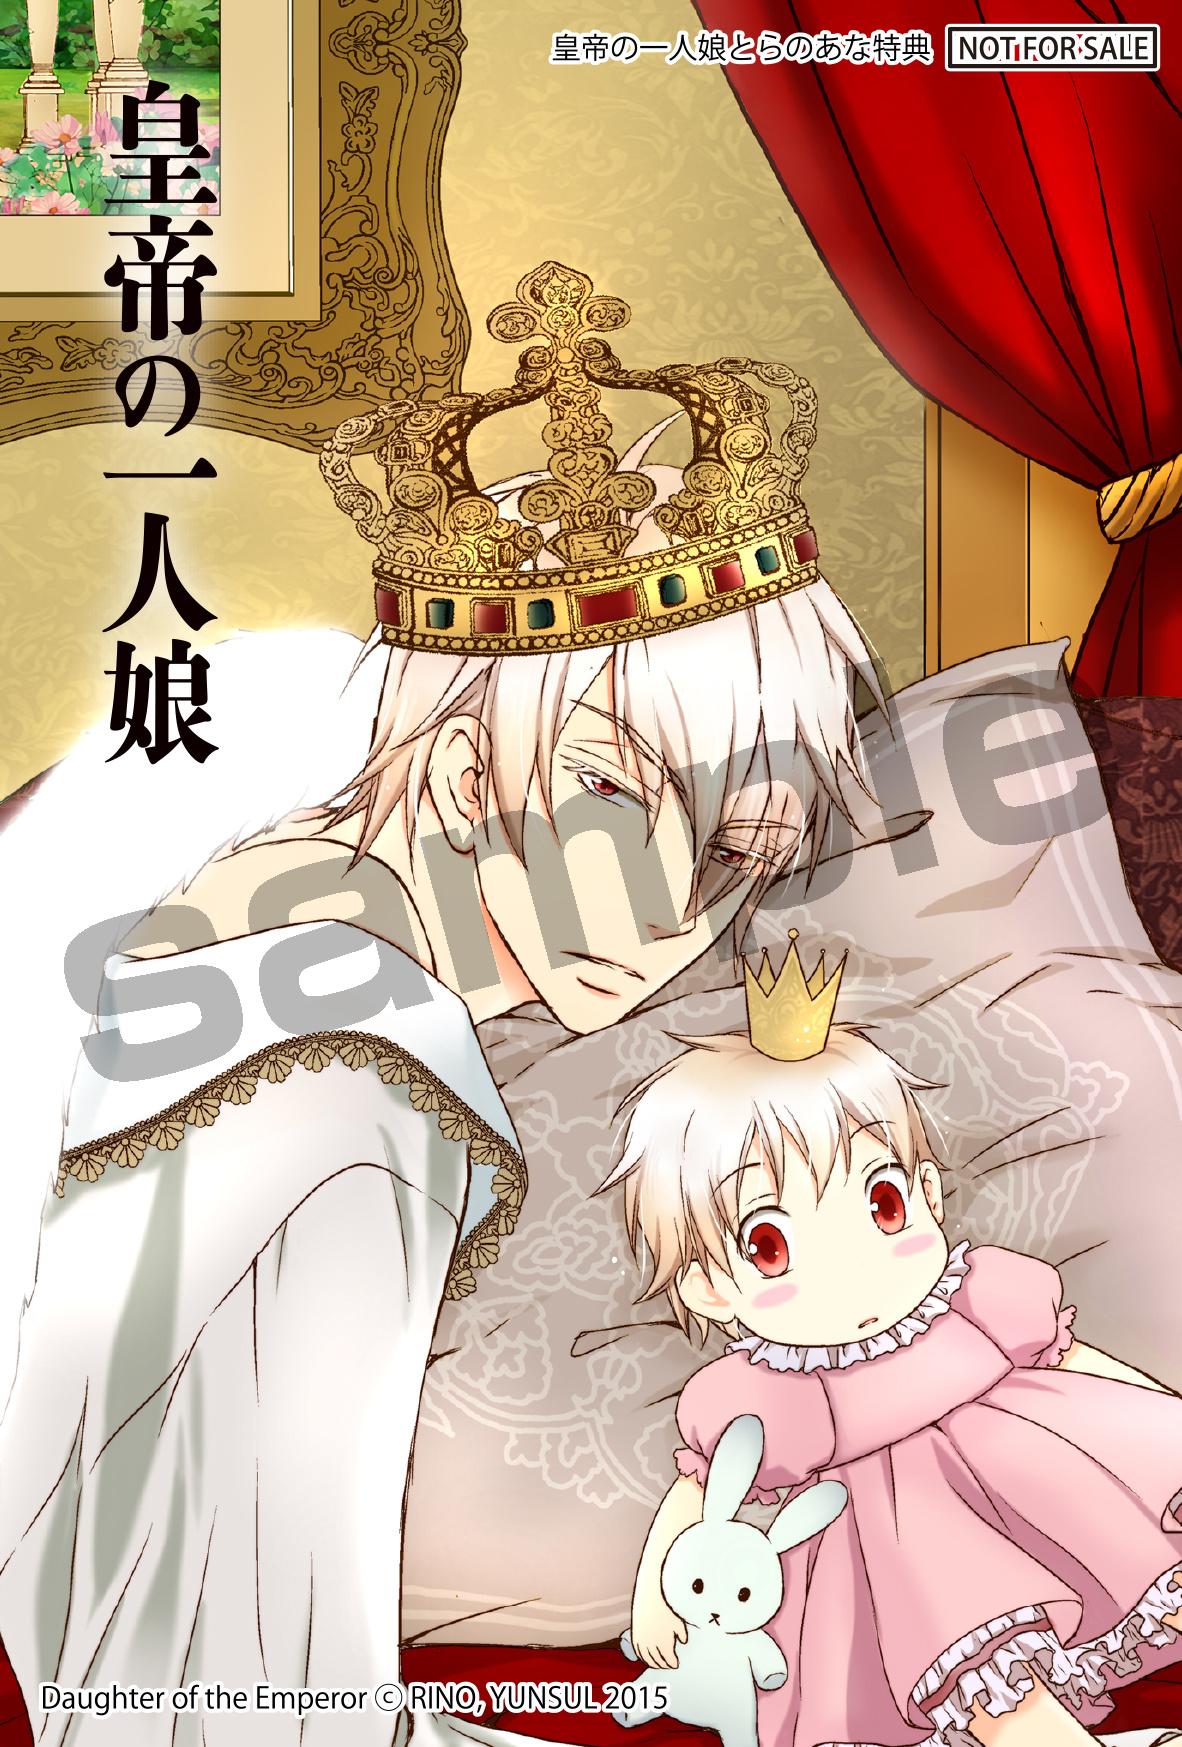 娘 一人 漫画 の 皇帝